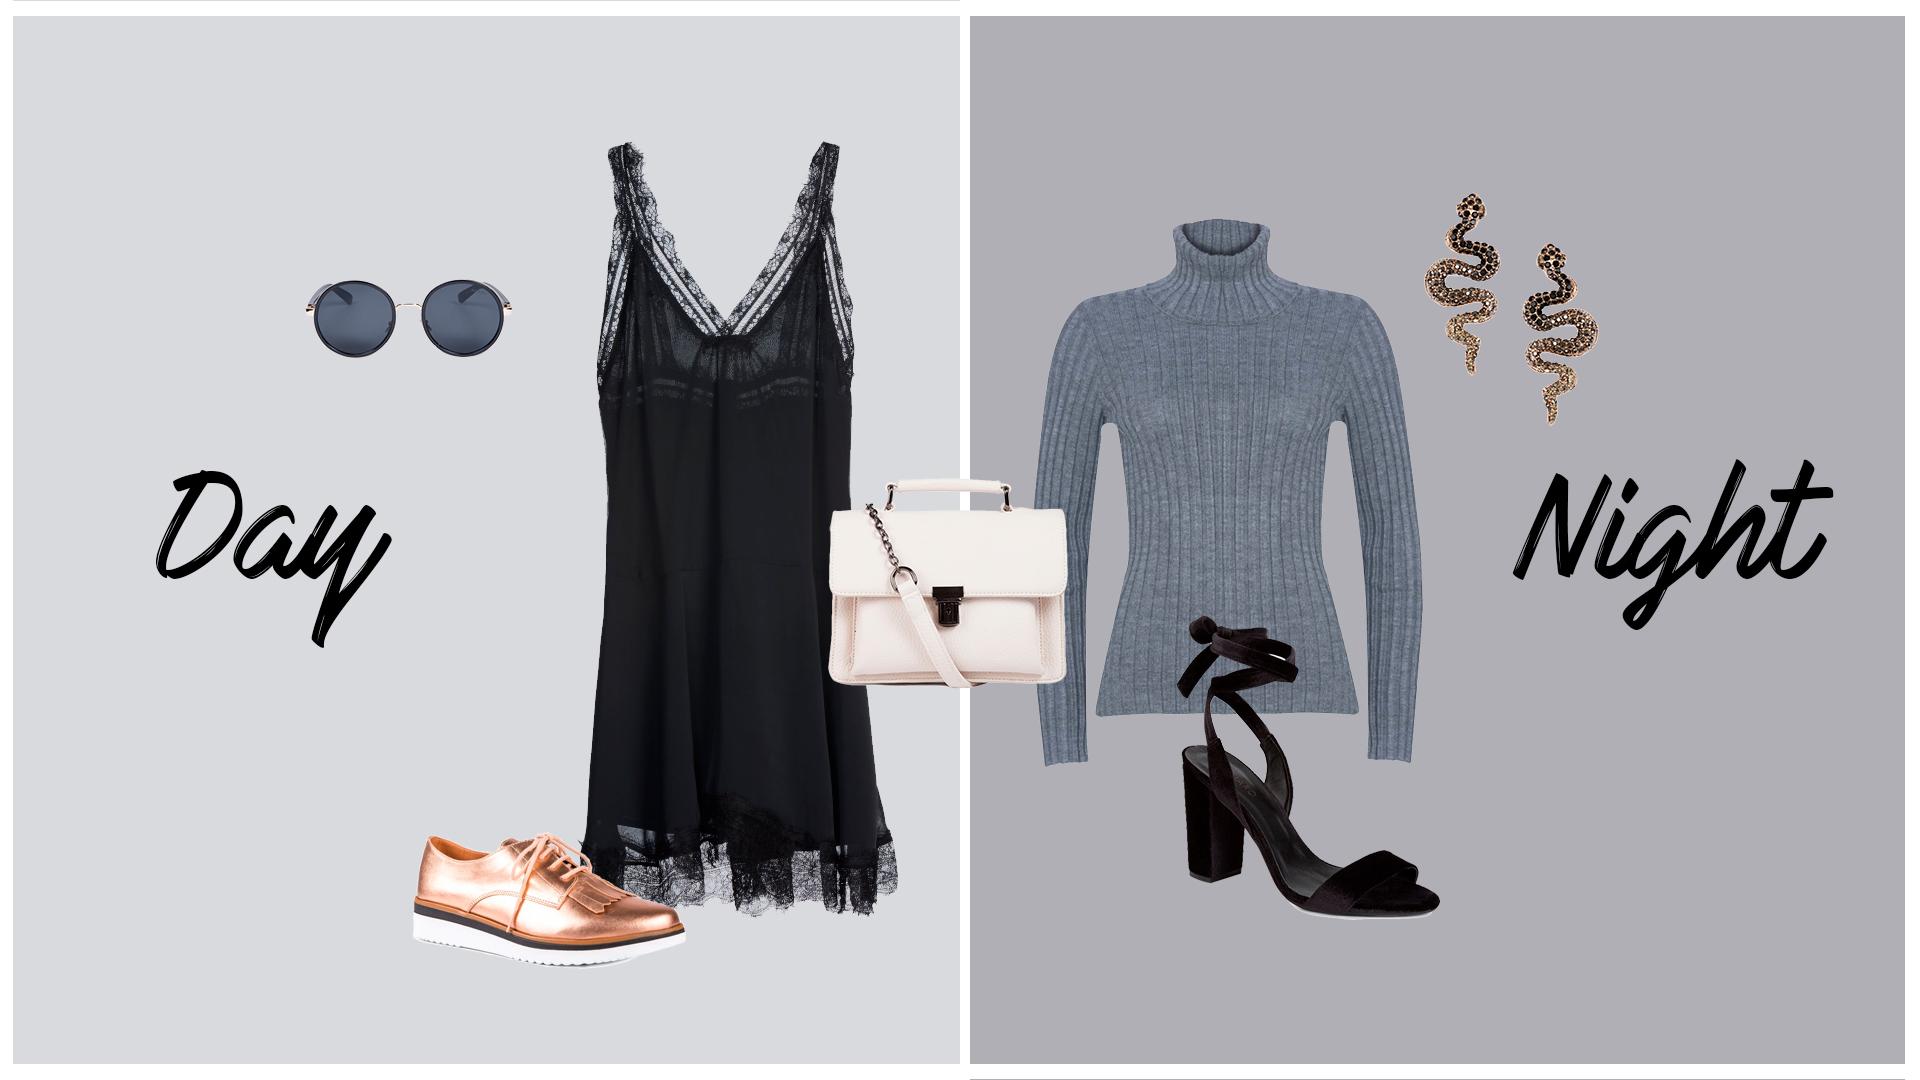 Look versátil para o dia e para a noite com roupas estilosas e seguindo as tendências atuais.